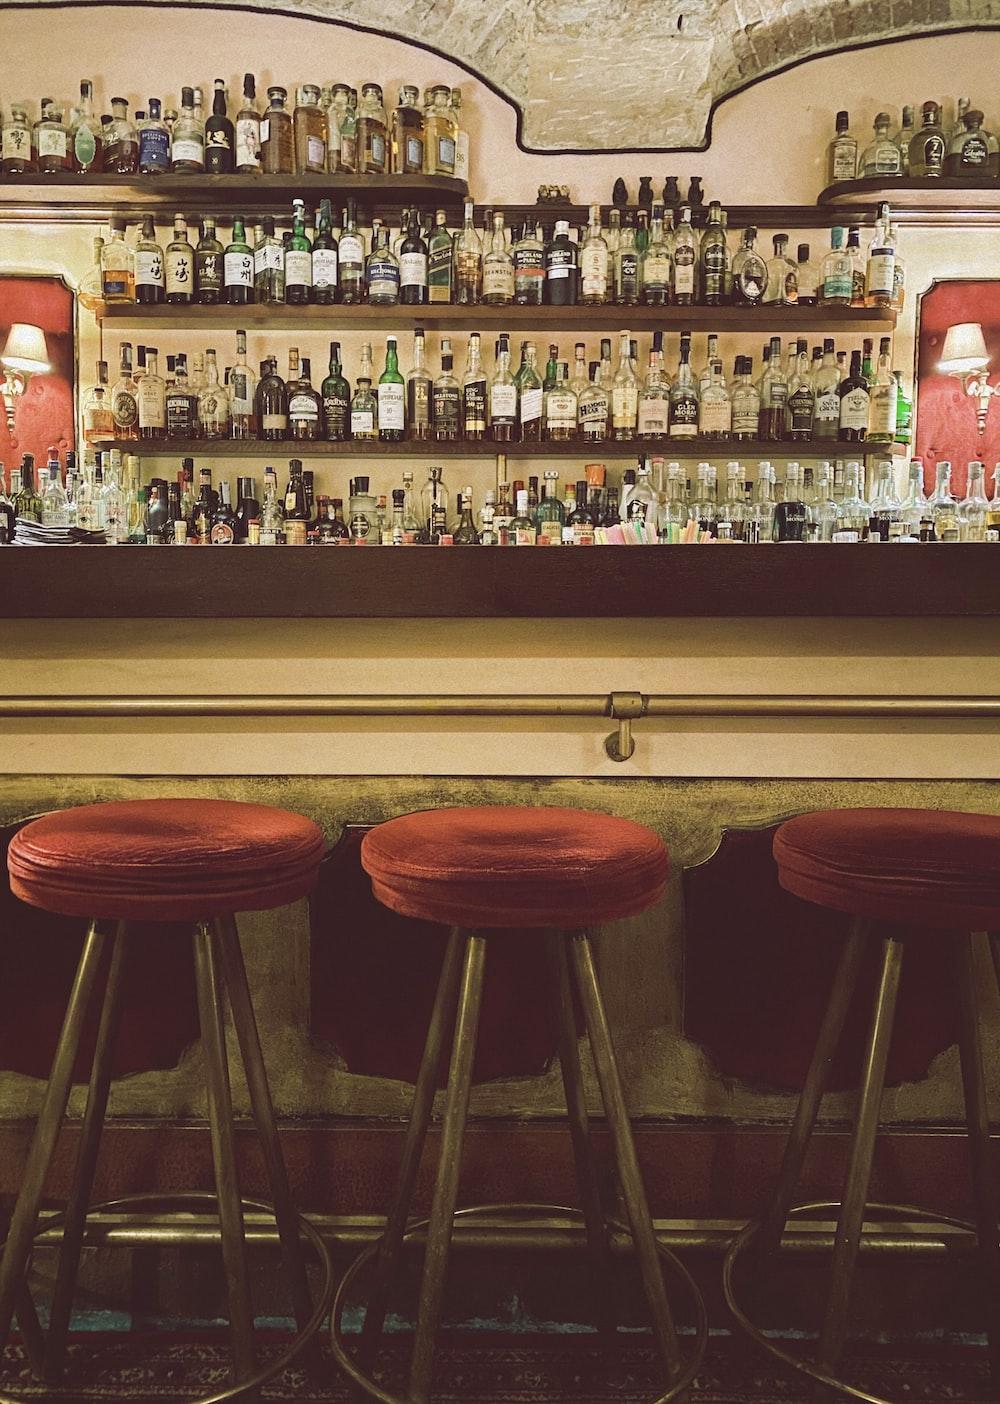 brown wooden bar stools beside bar counter